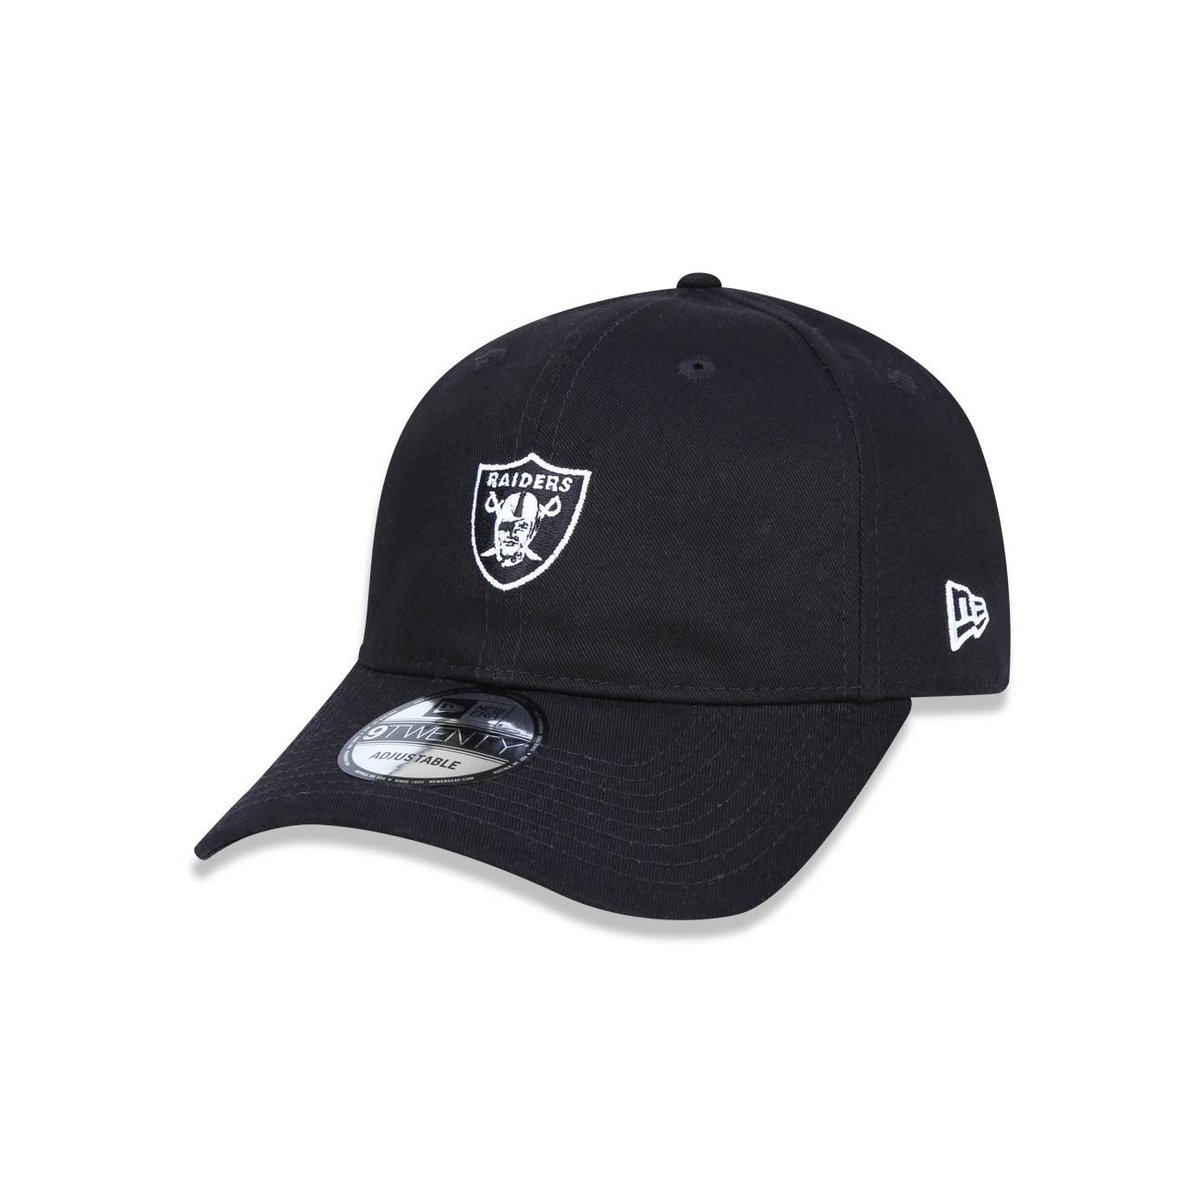 a81fc6d55 Boné 920 Oakland Raiders NFL Aba Curva Strapback New Era - Compre Agora